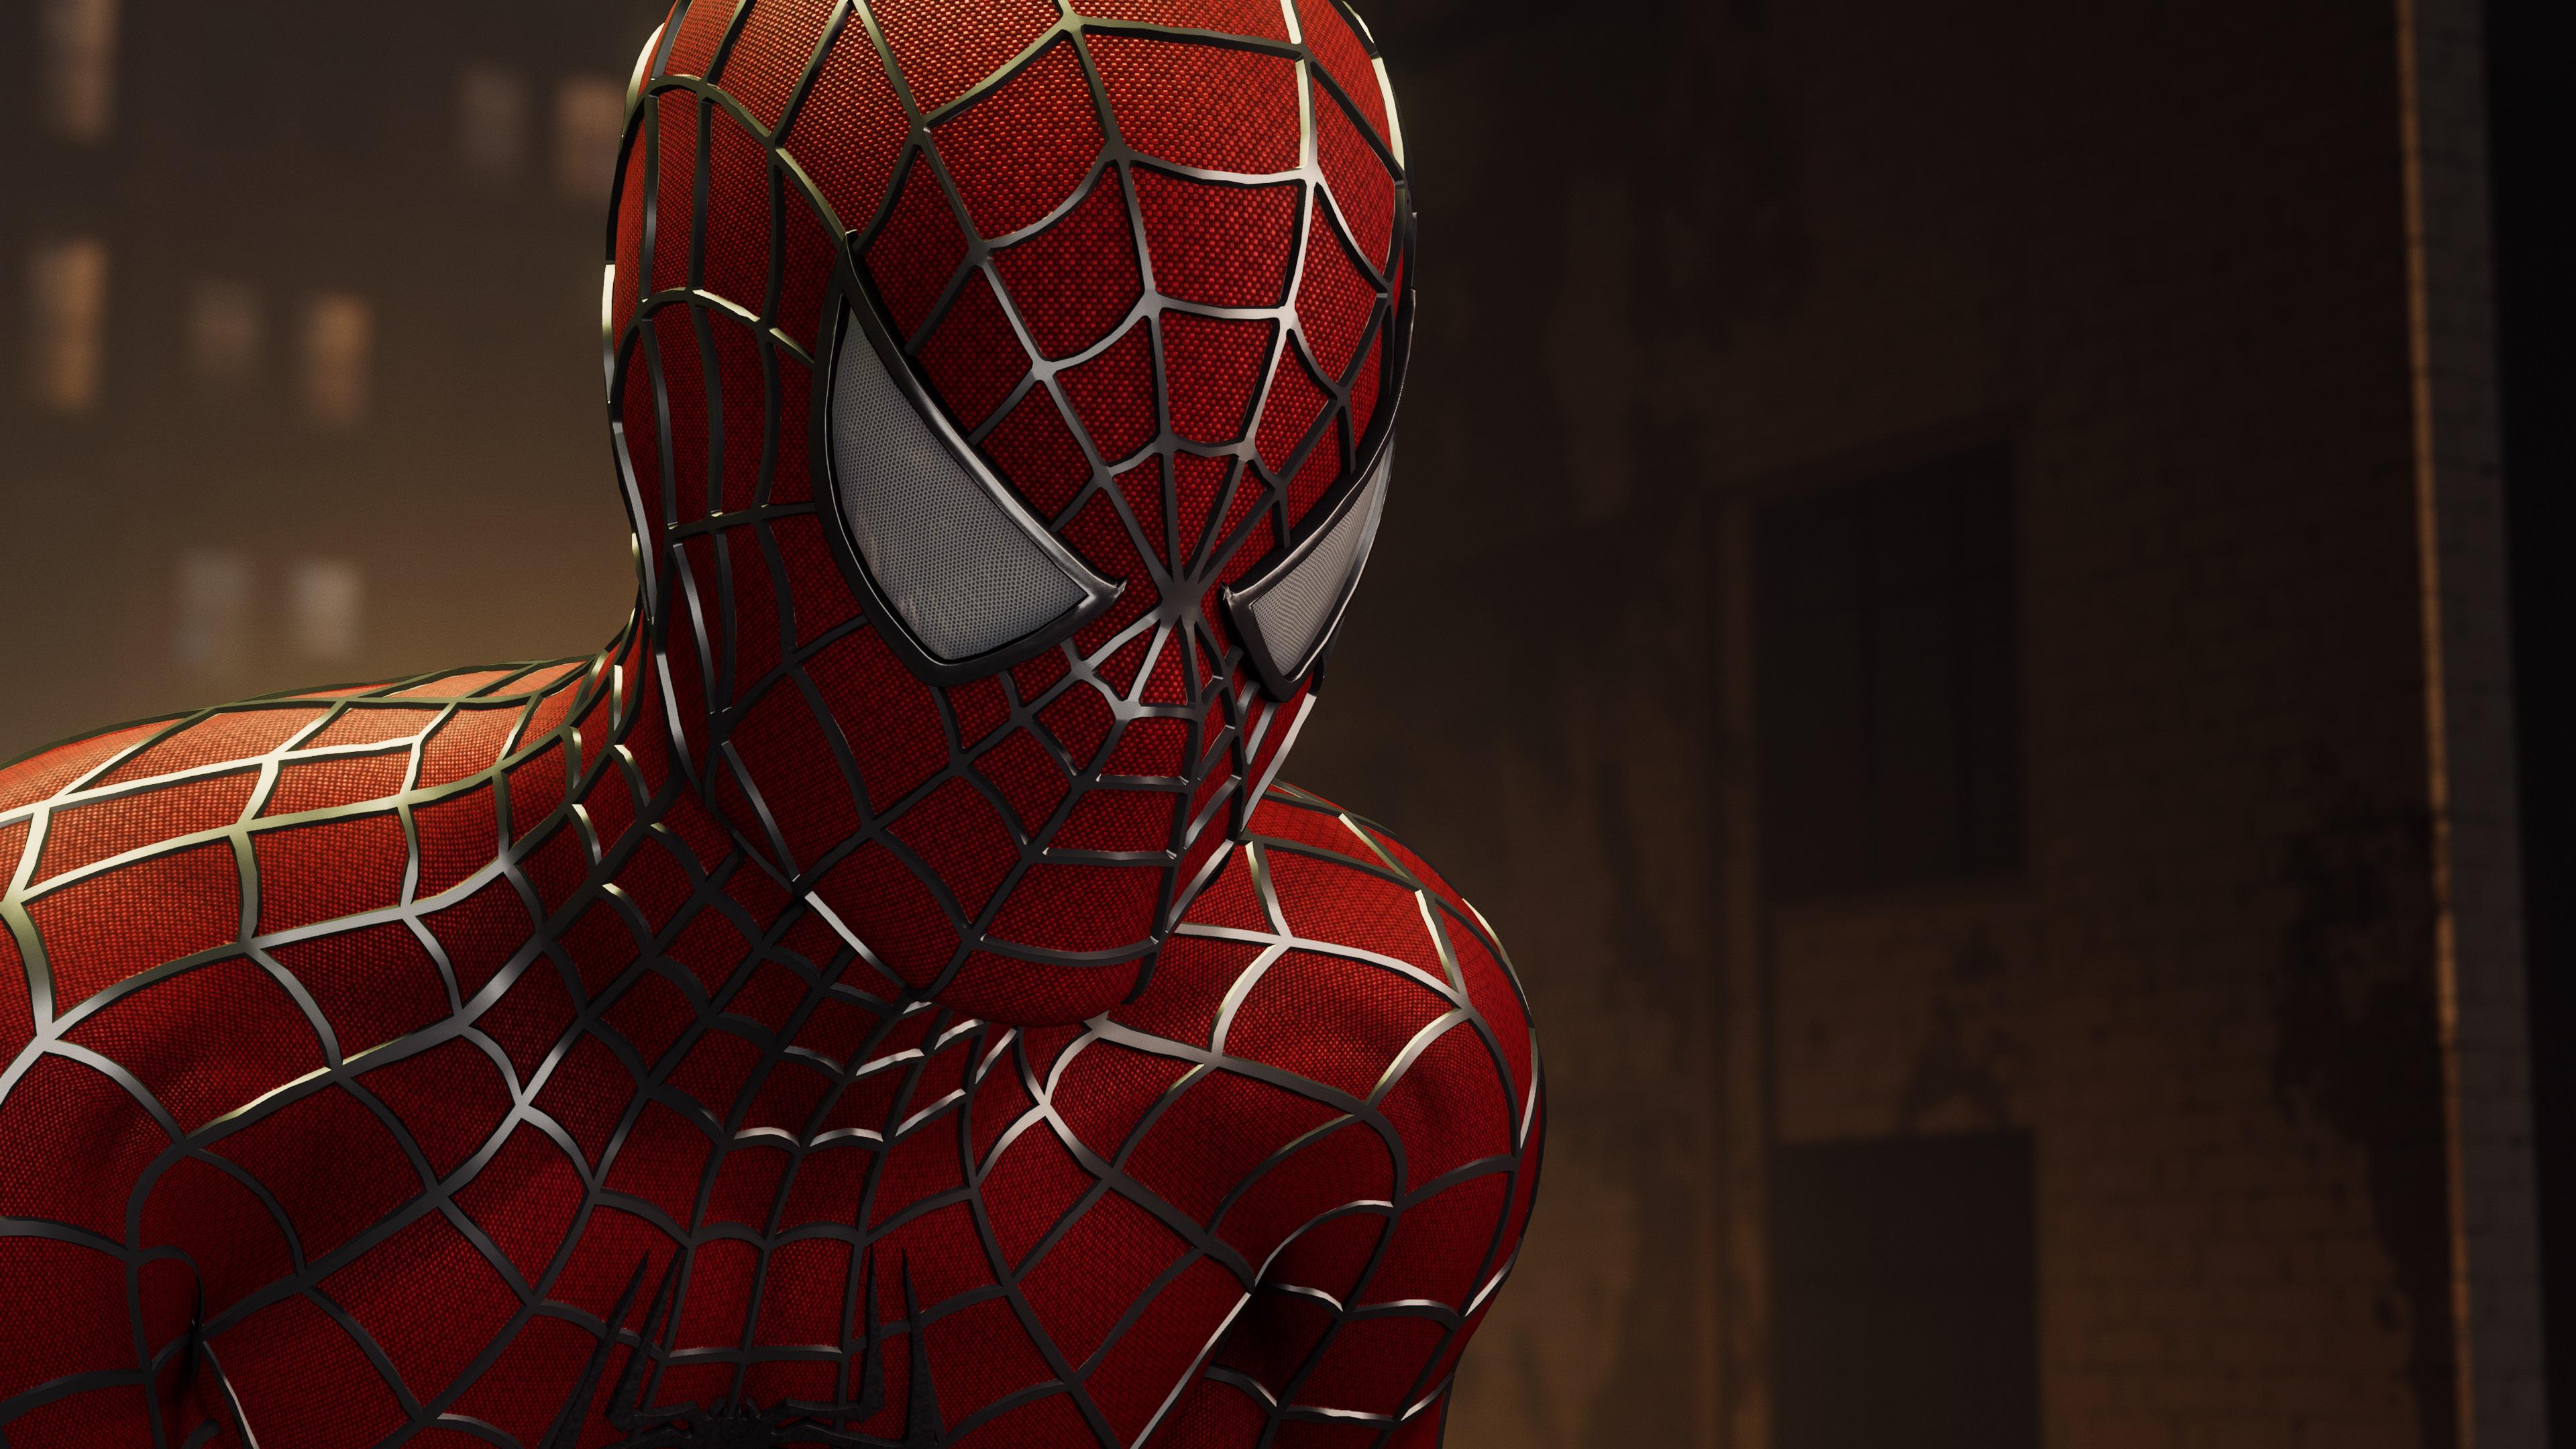 spiderman 4k 2019 1547319323 - Spiderman 4k 2019 - superheroes wallpapers, spiderman wallpapers, spiderman ps4 wallpapers, ps games wallpapers, hd-wallpapers, games wallpapers, 4k-wallpapers, 2018 games wallpapers